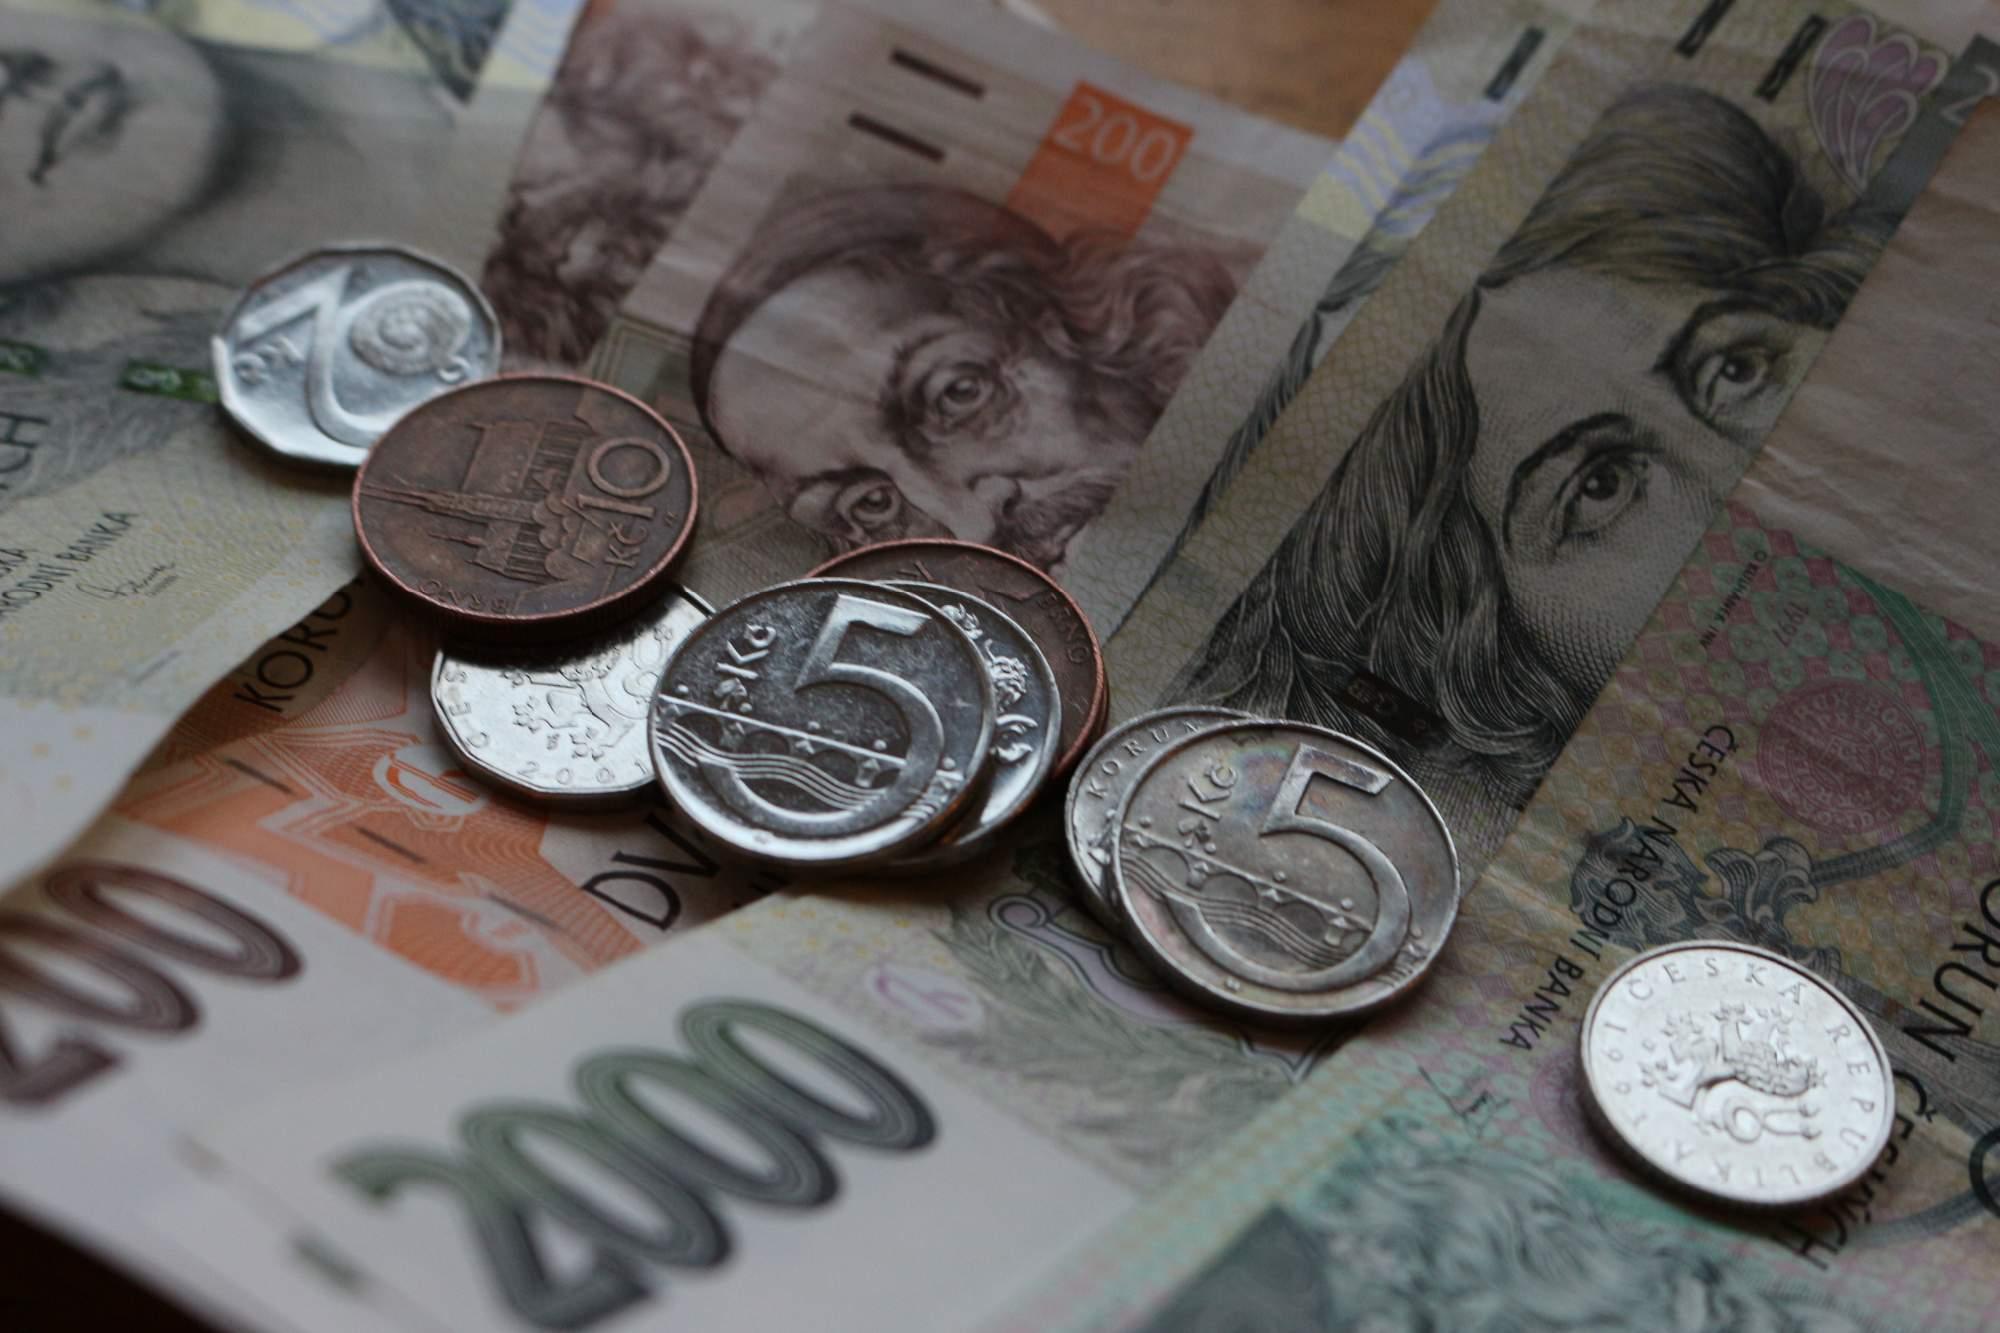 Priemerná mesačná mzda v Juhomoravskom kraji dosiahla v 4. štvrťročí 2017 čiastku 30 875 korún. Foto: Simona Gálová